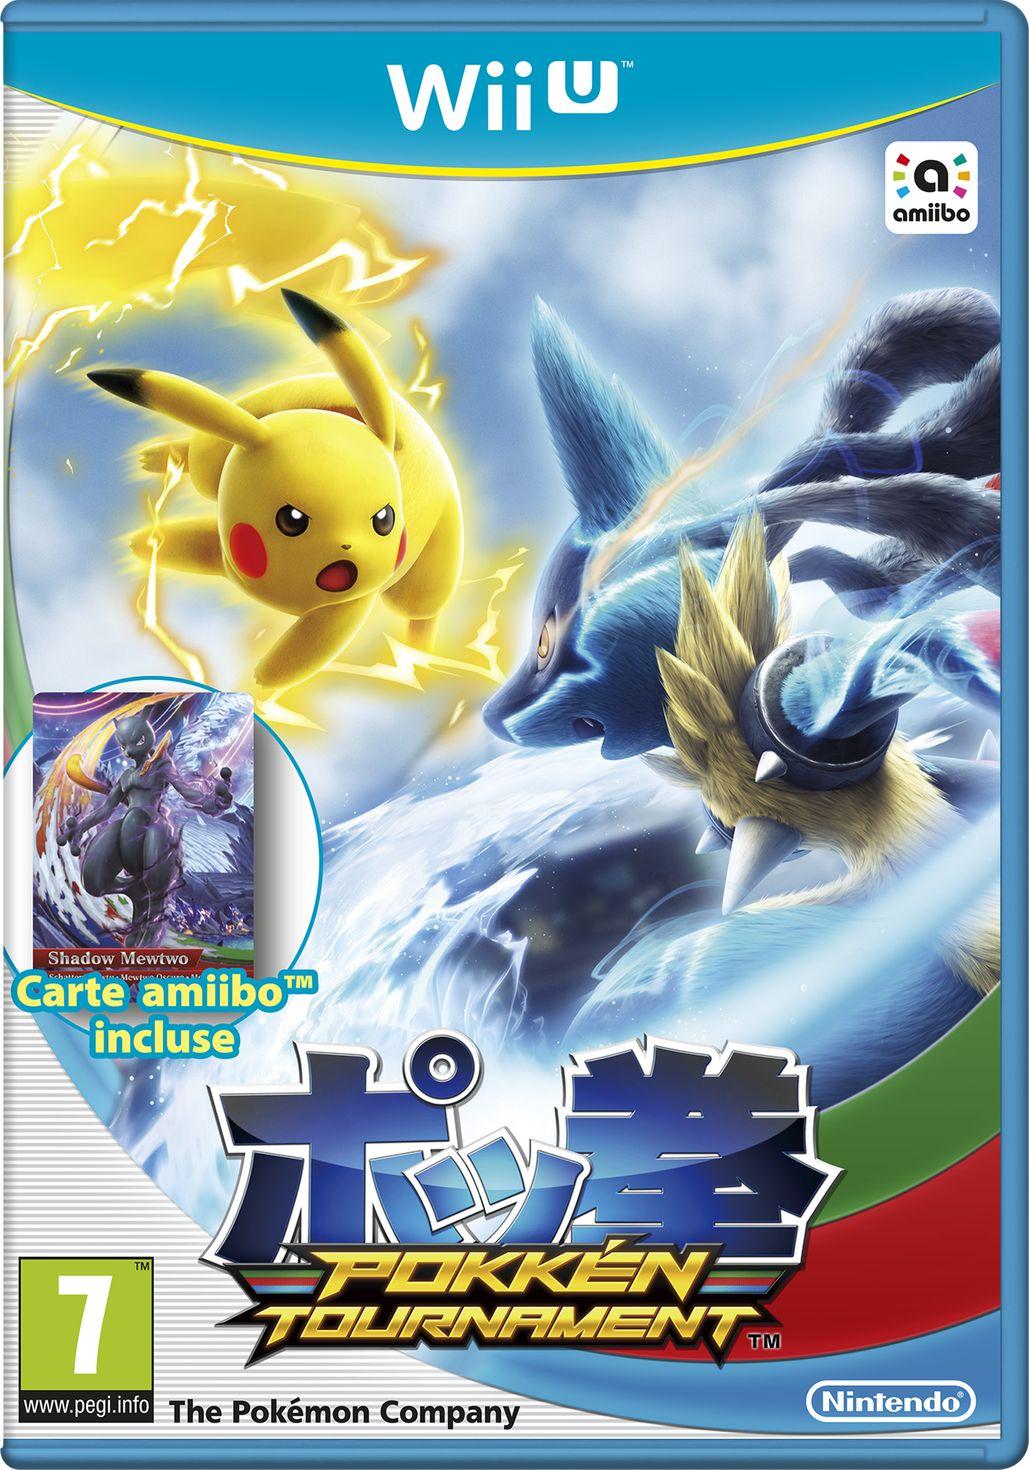 Pokkén Tournament arrive bientôt en exclusivité sur Wii U 778735cid3668anIN85801453117894763AWP10DB09